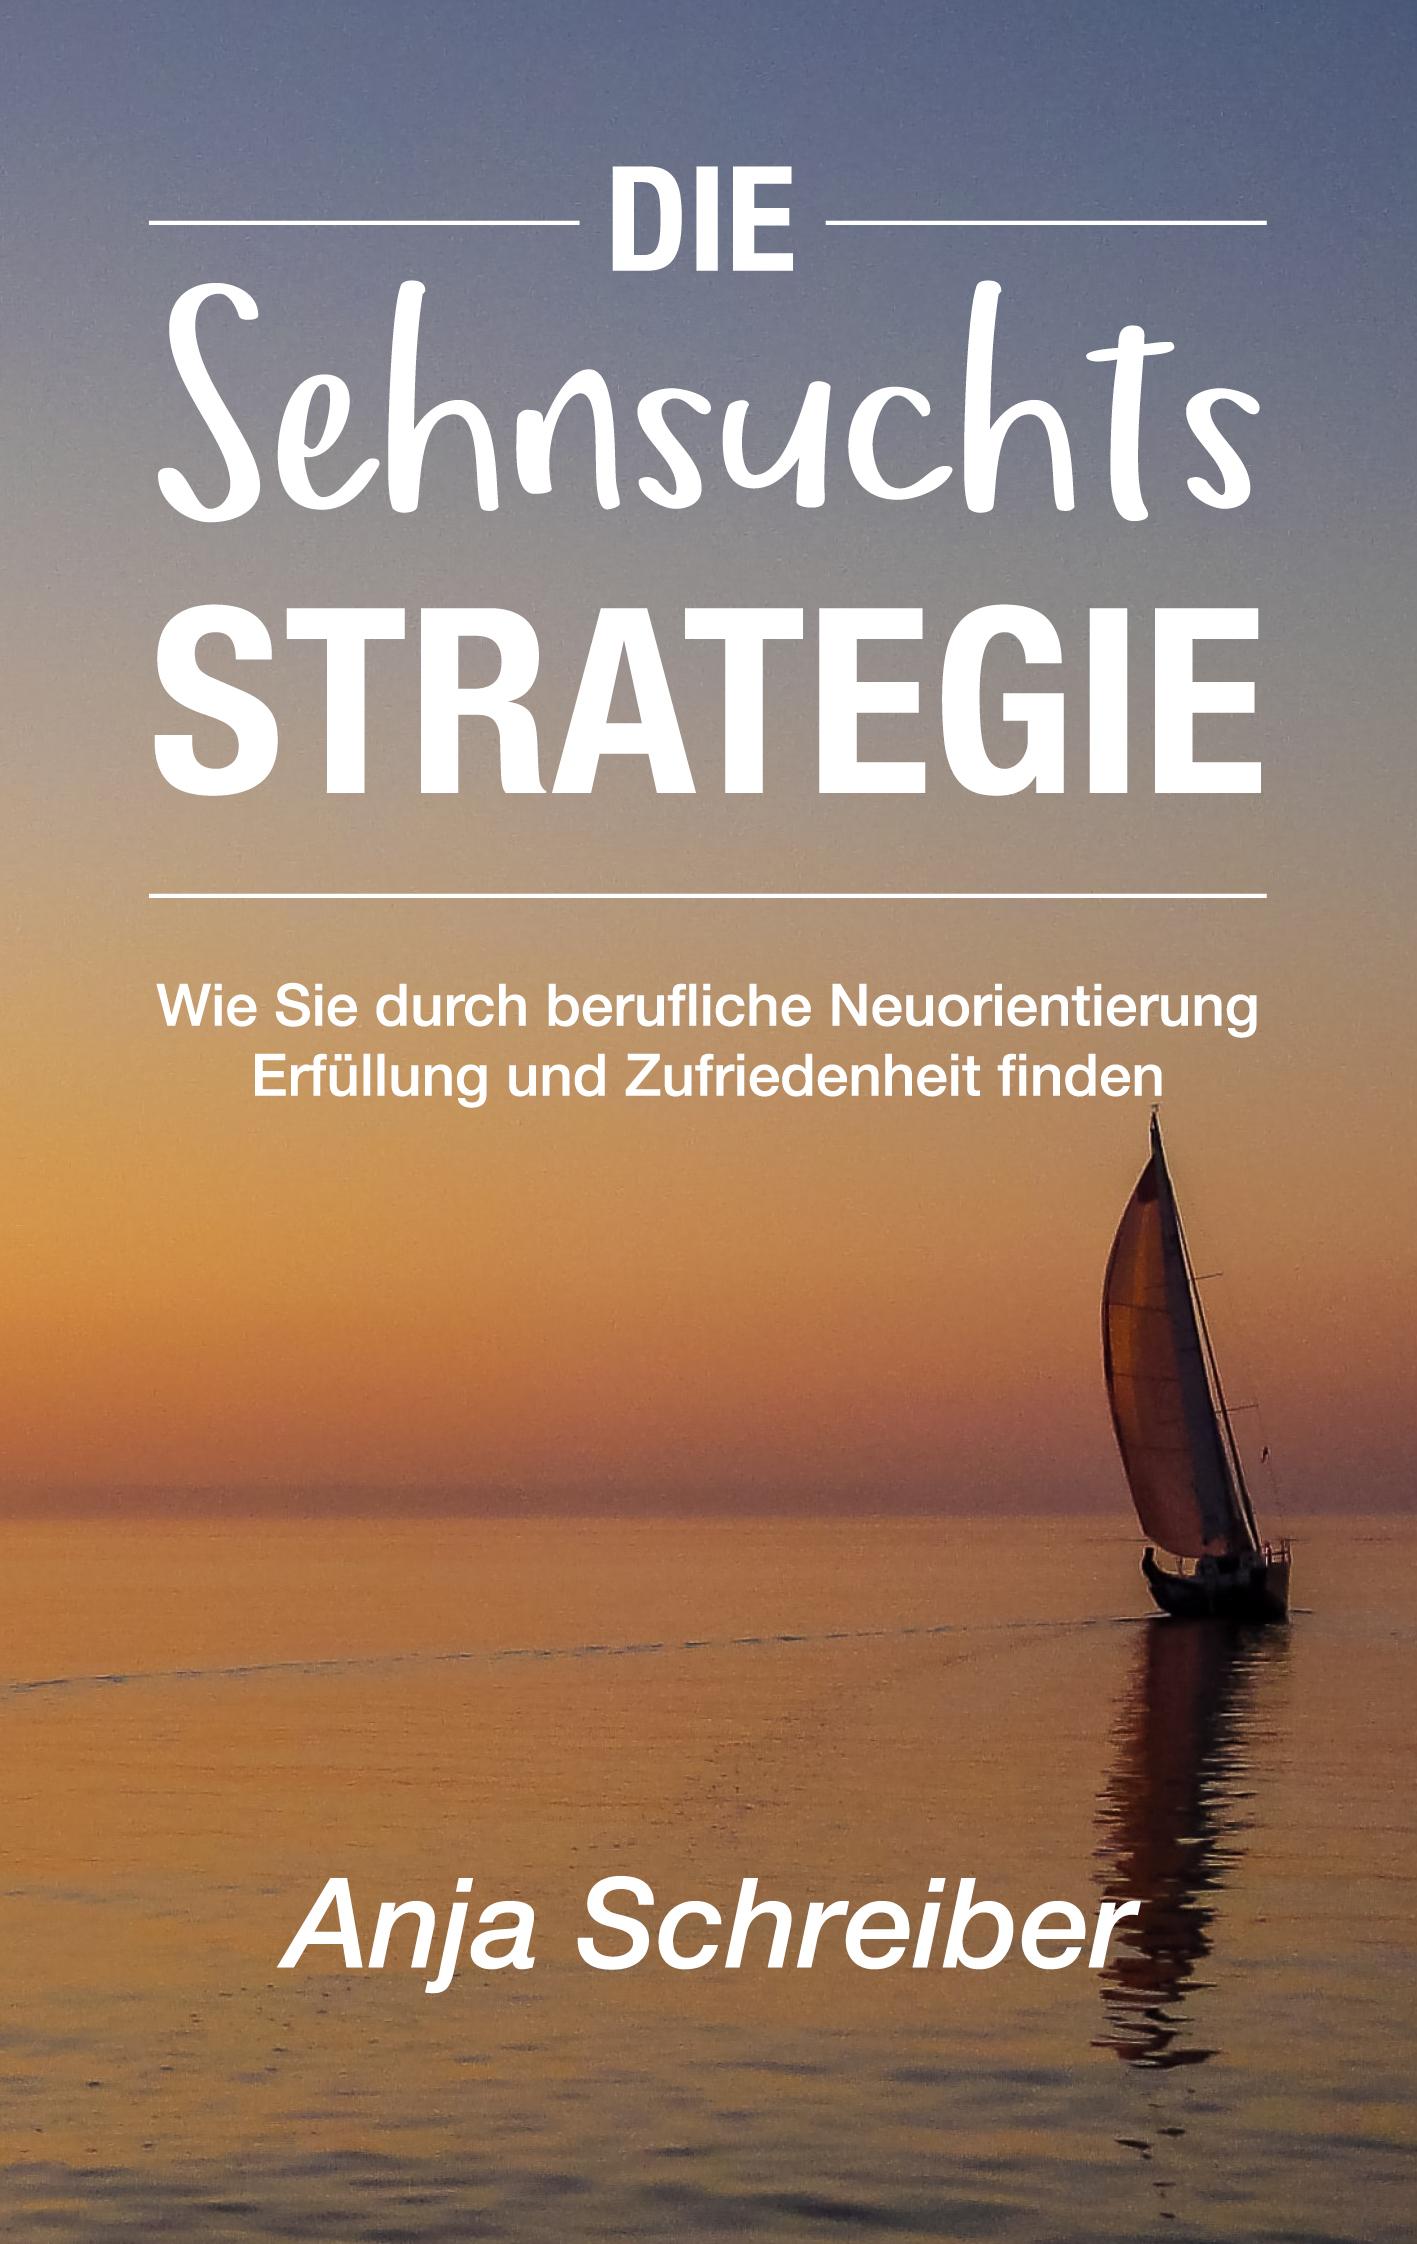 """""""Die Sehnsuchtsstrategie für Studierende und Hochschulabsolventen"""" von Anja Schreiber"""